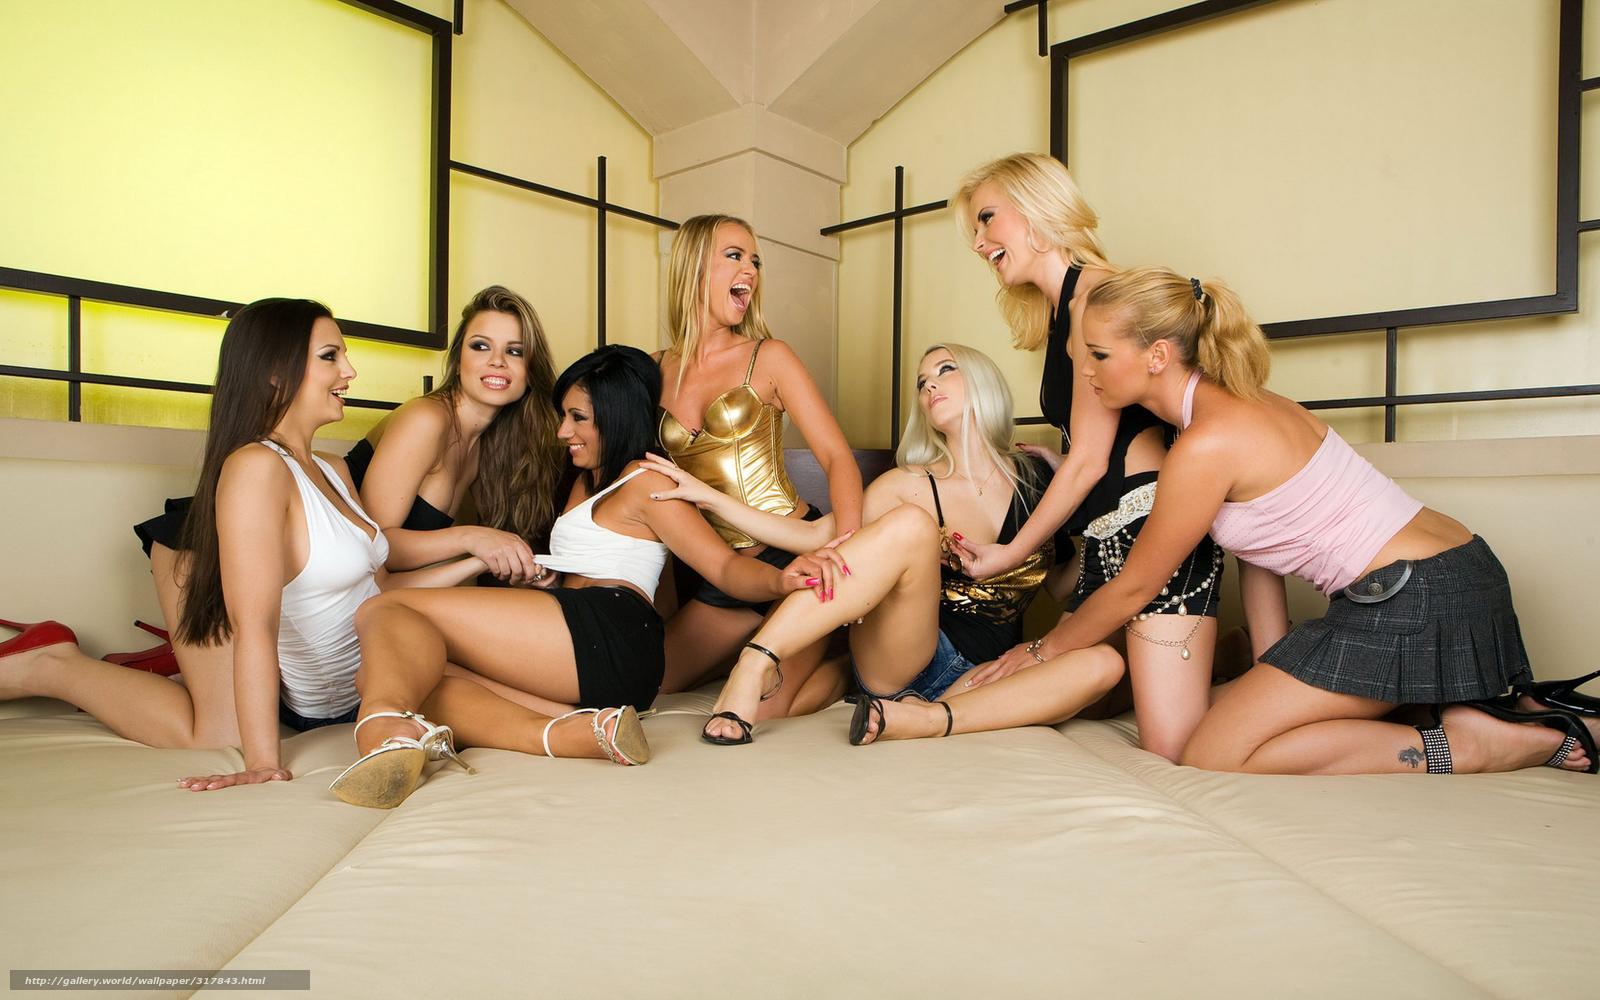 Секси девчёнки фото 13 фотография